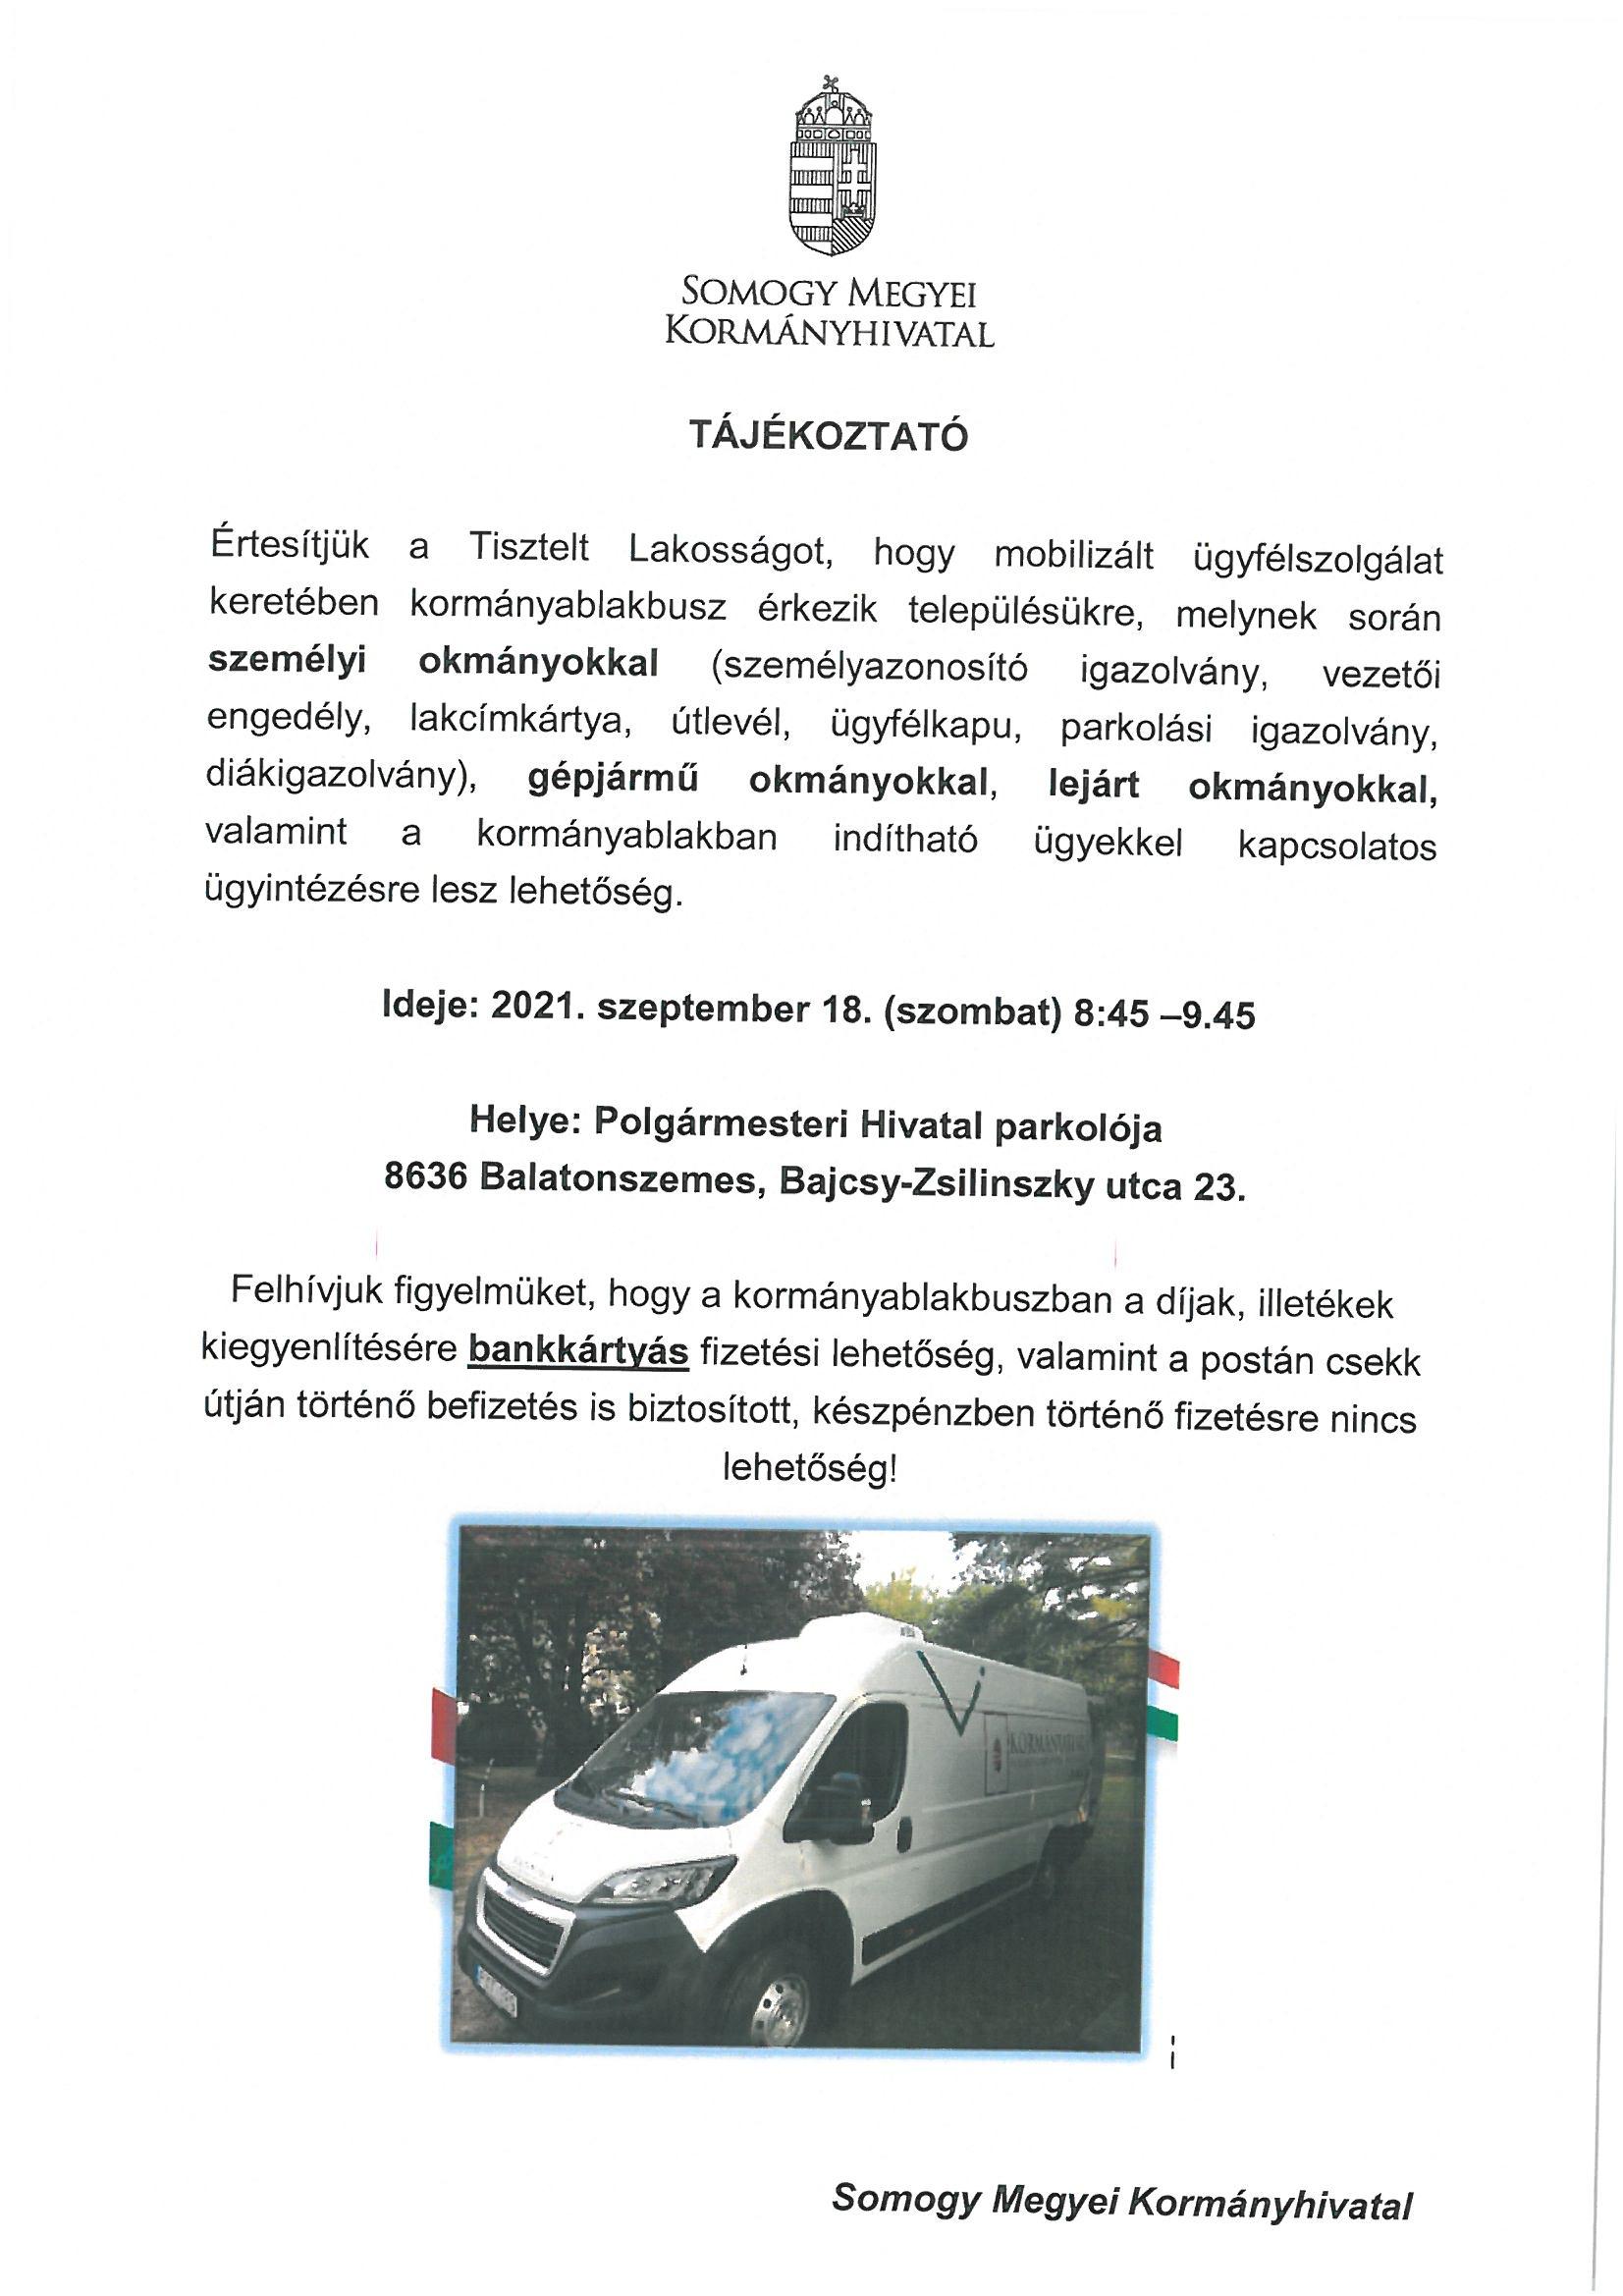 SKMBT C36021091308110 0002 Kormányablak busz